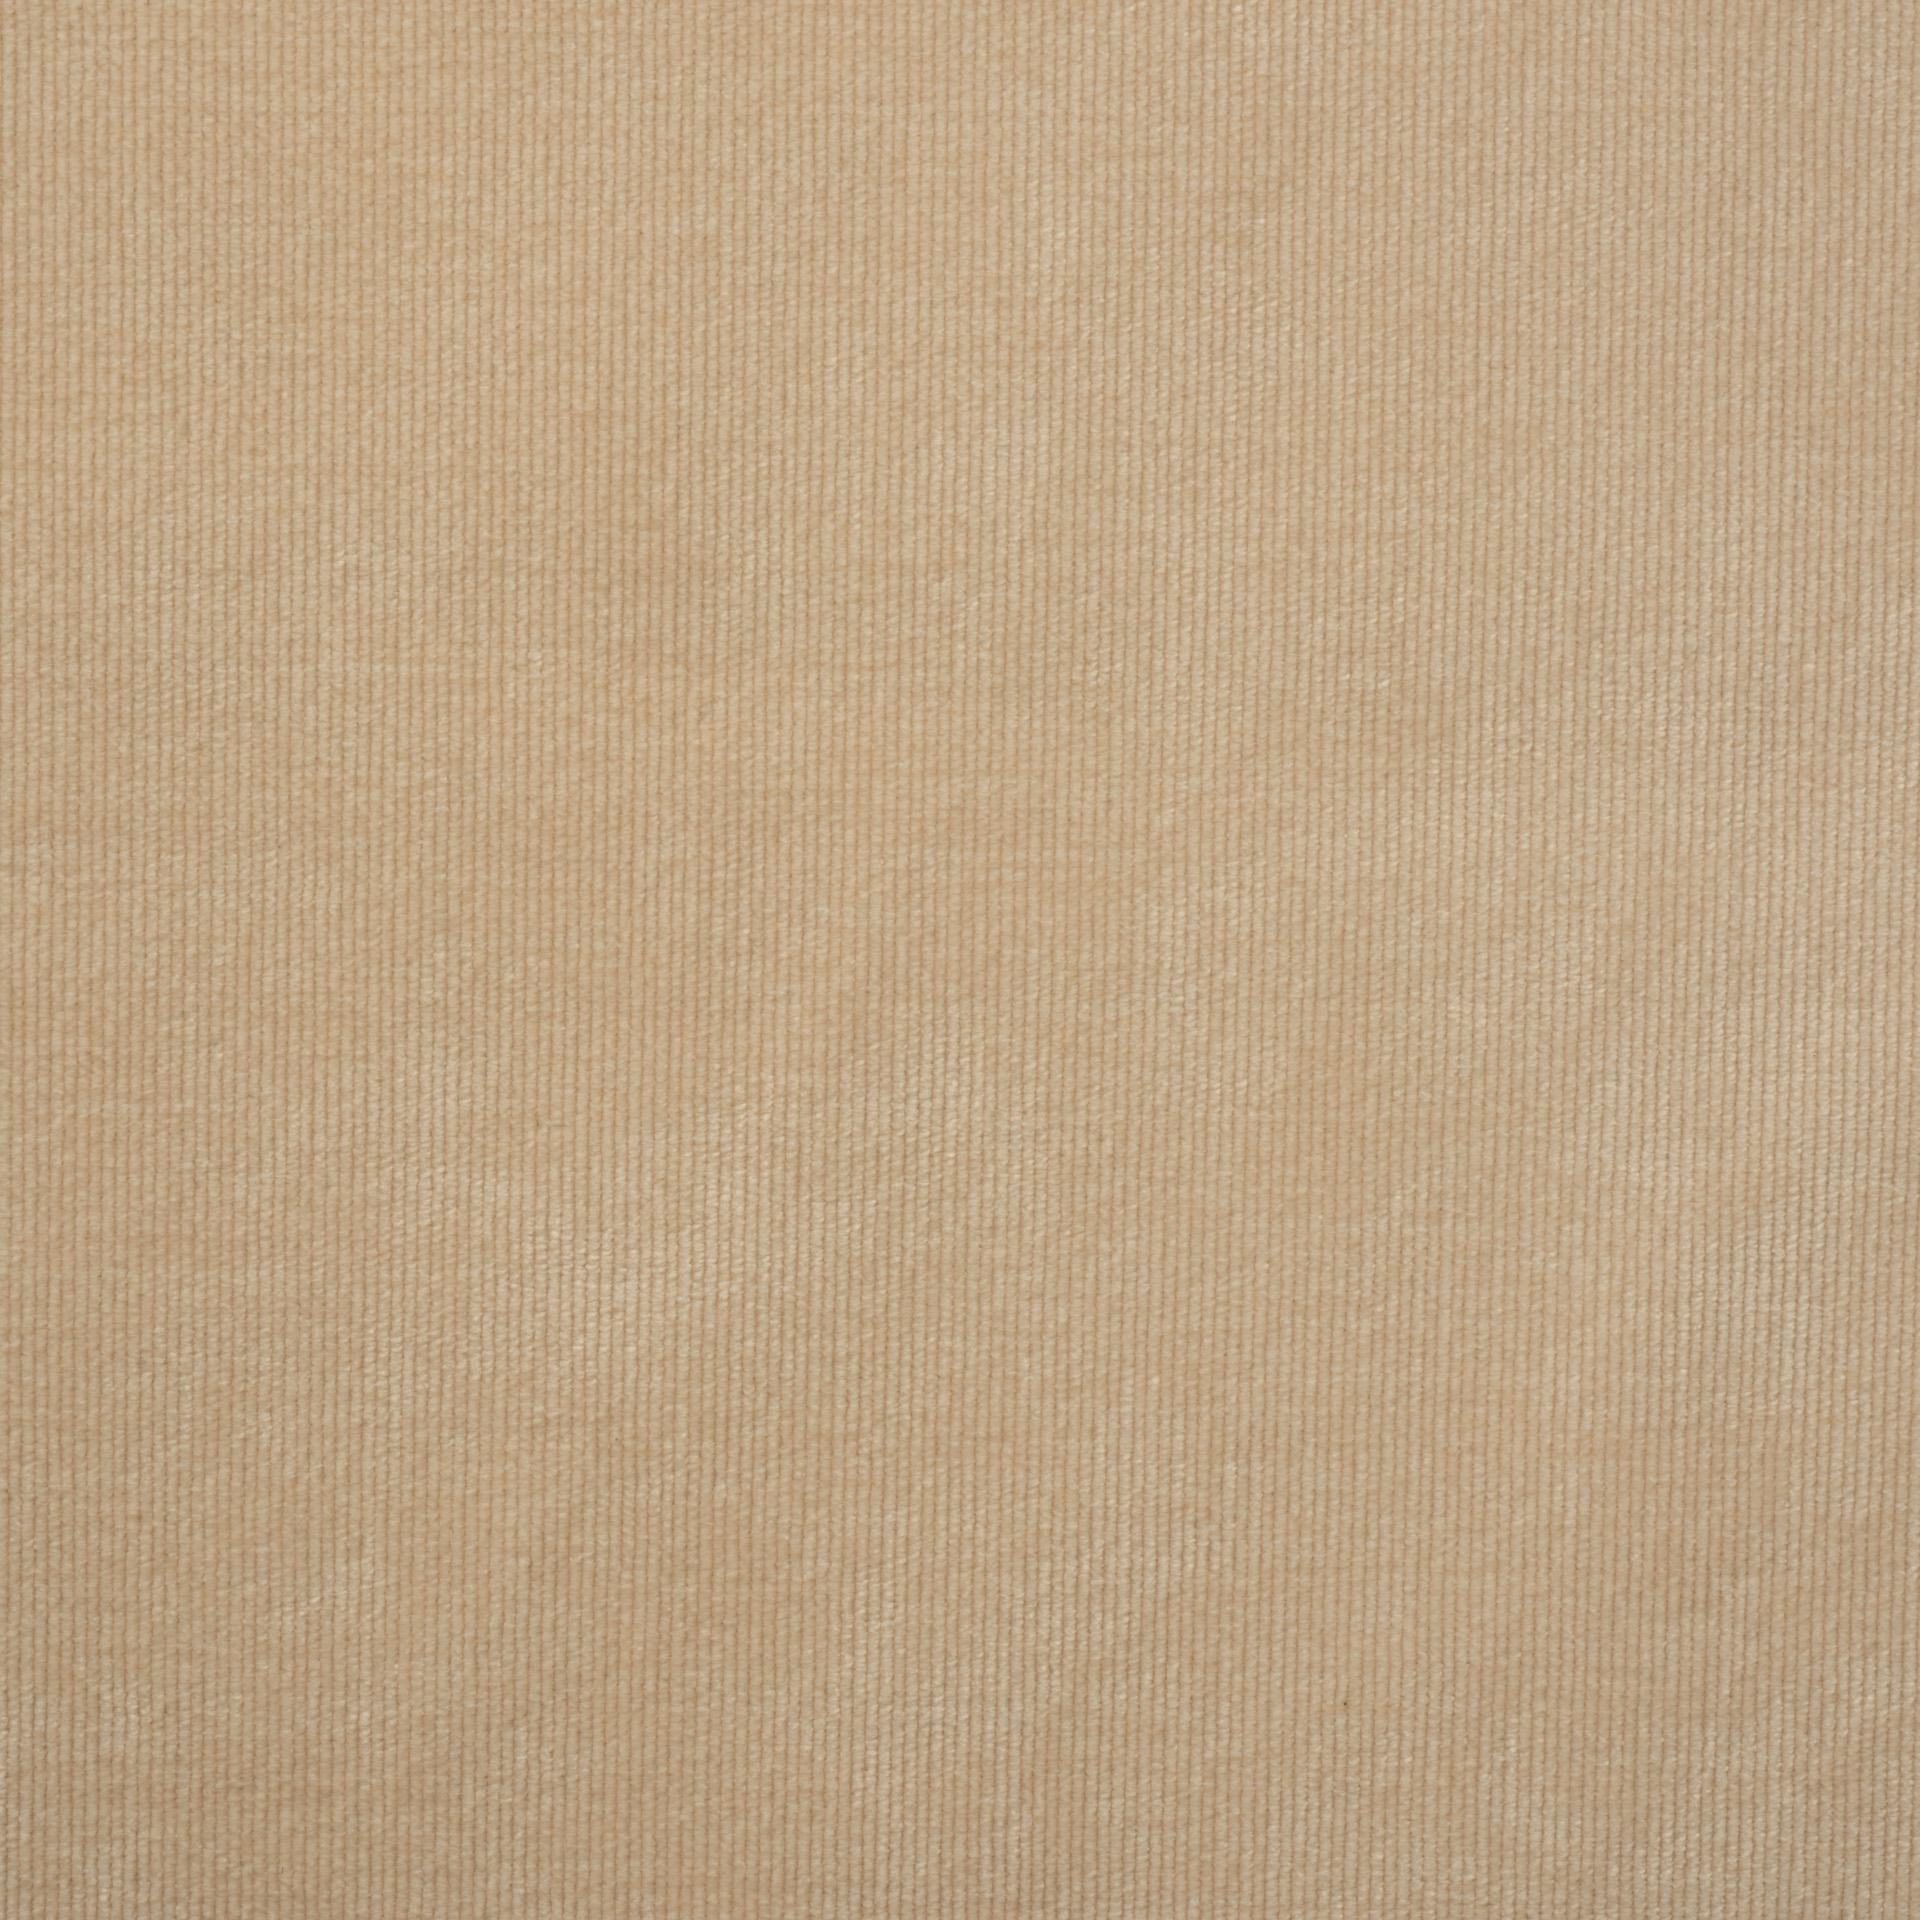 Коллекция ткани Кордрой 231,  купить ткань Велюр для мебели Украина